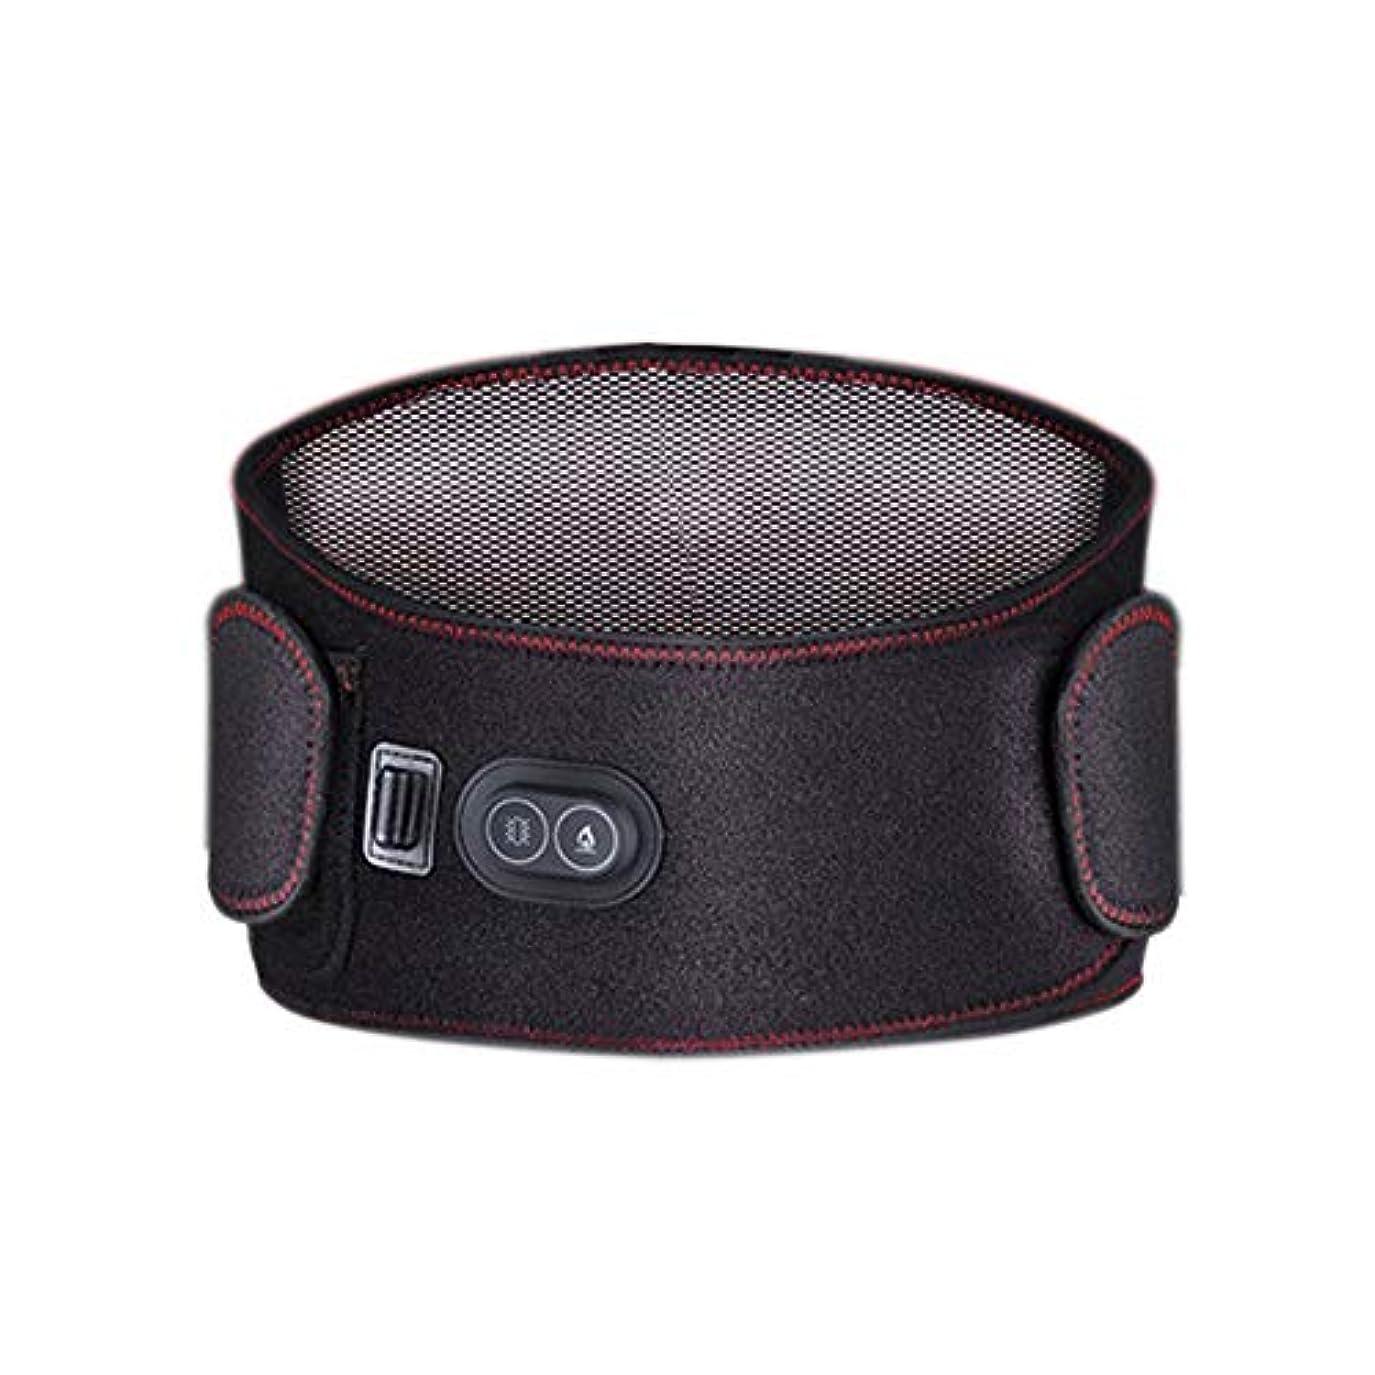 音声学助手視力Massage Belt Vibration Electric Heating Waist Massage Belt Relax Muscular Moxa Bag Protection